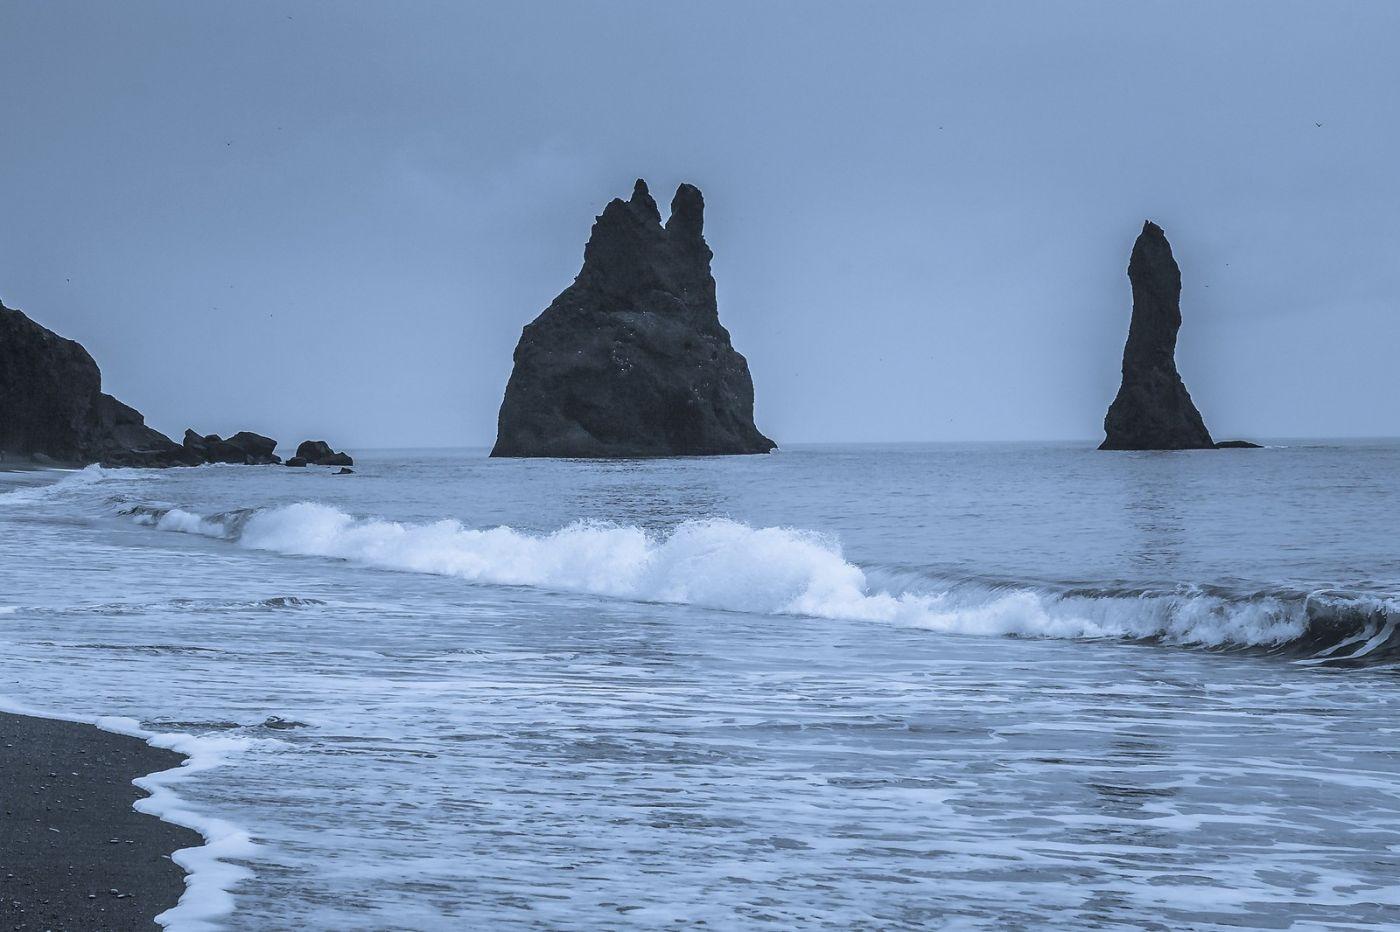 冰岛雷尼斯法加拉黑沙滩(Reynisfjara Black Sand Beach)_图1-8